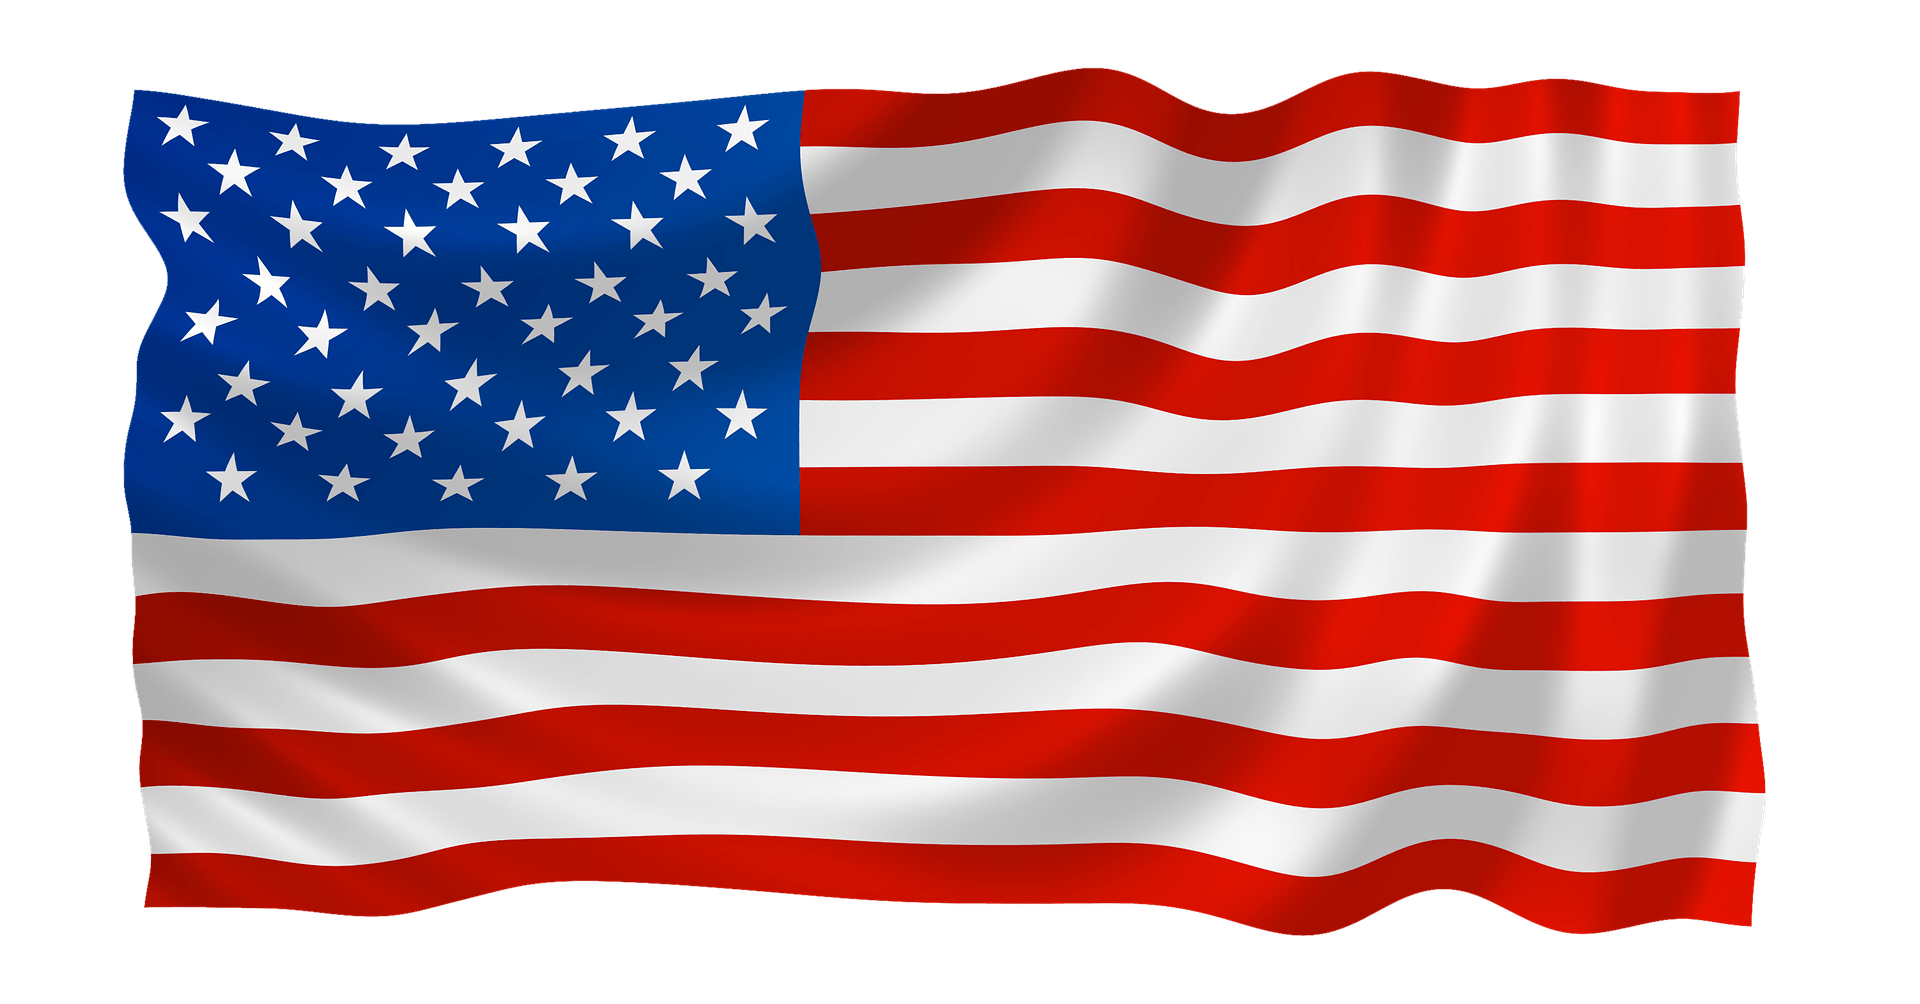 Législation sur le cannabis aux USA